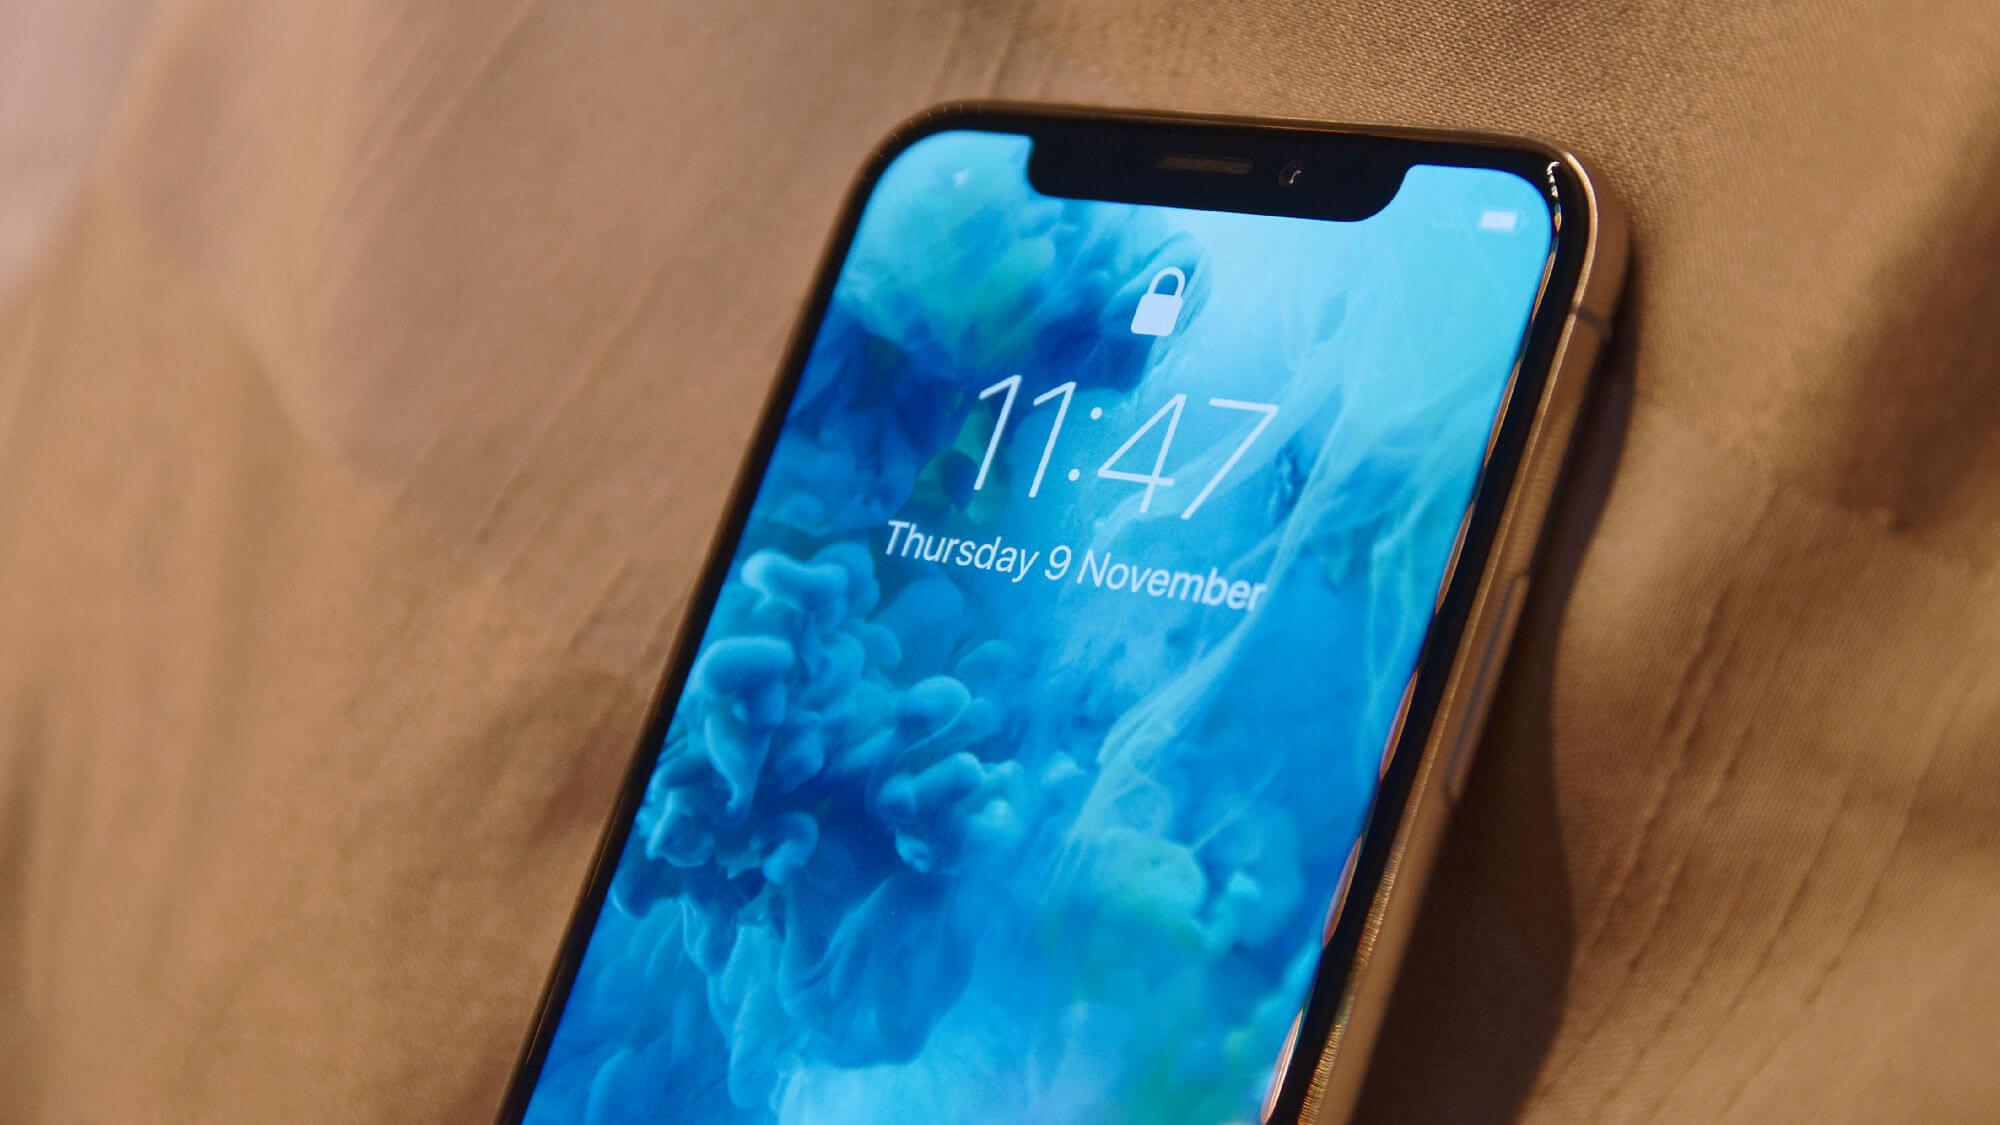 Баг iOS 11 случайно попал в рекламный ролик Apple